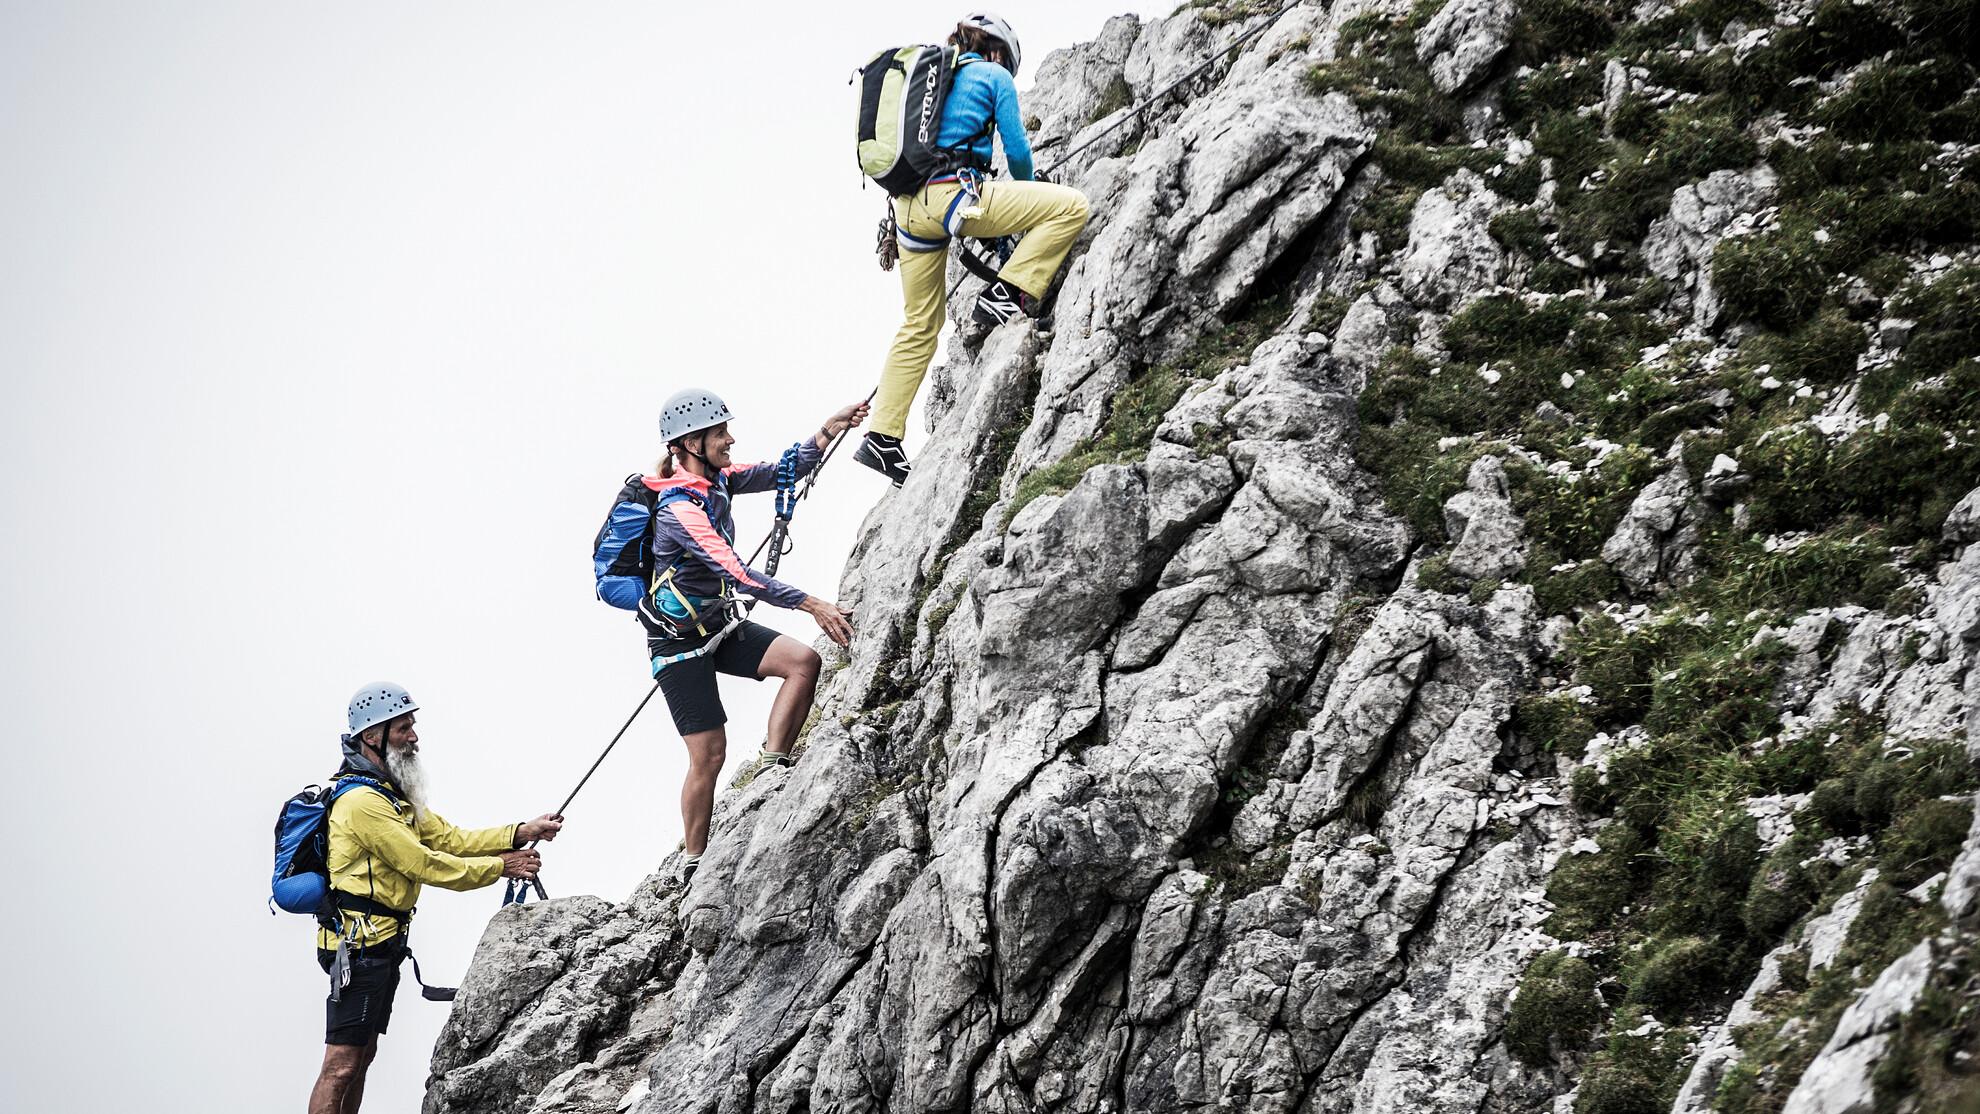 Klettersteig Urlaub : Klettern im kleinwalsertal klettersteige bergabenteuer